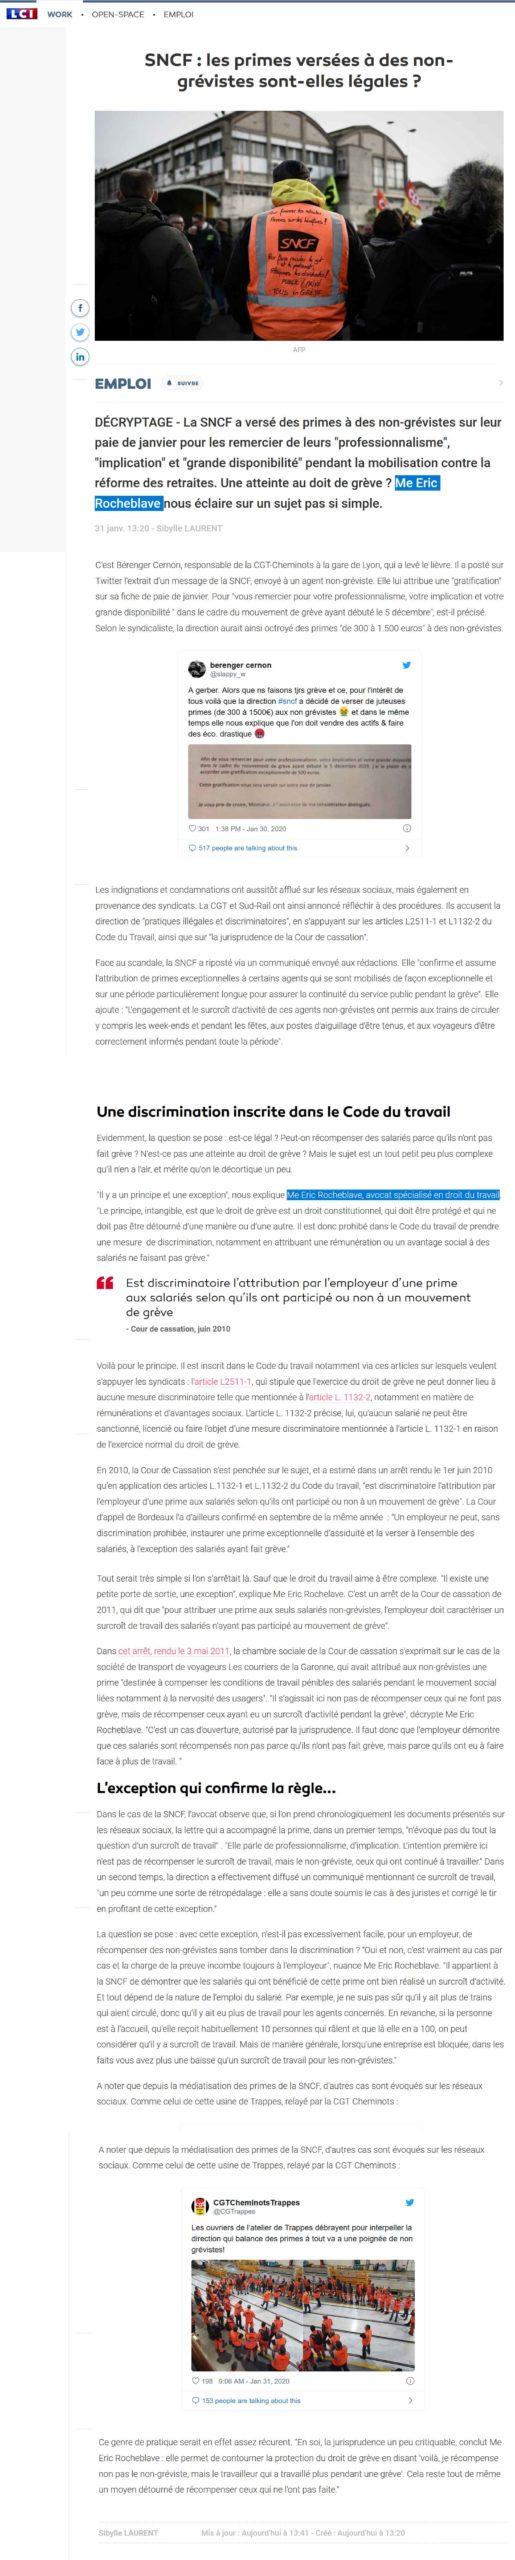 SNCF-primes-non-grévistes-légales